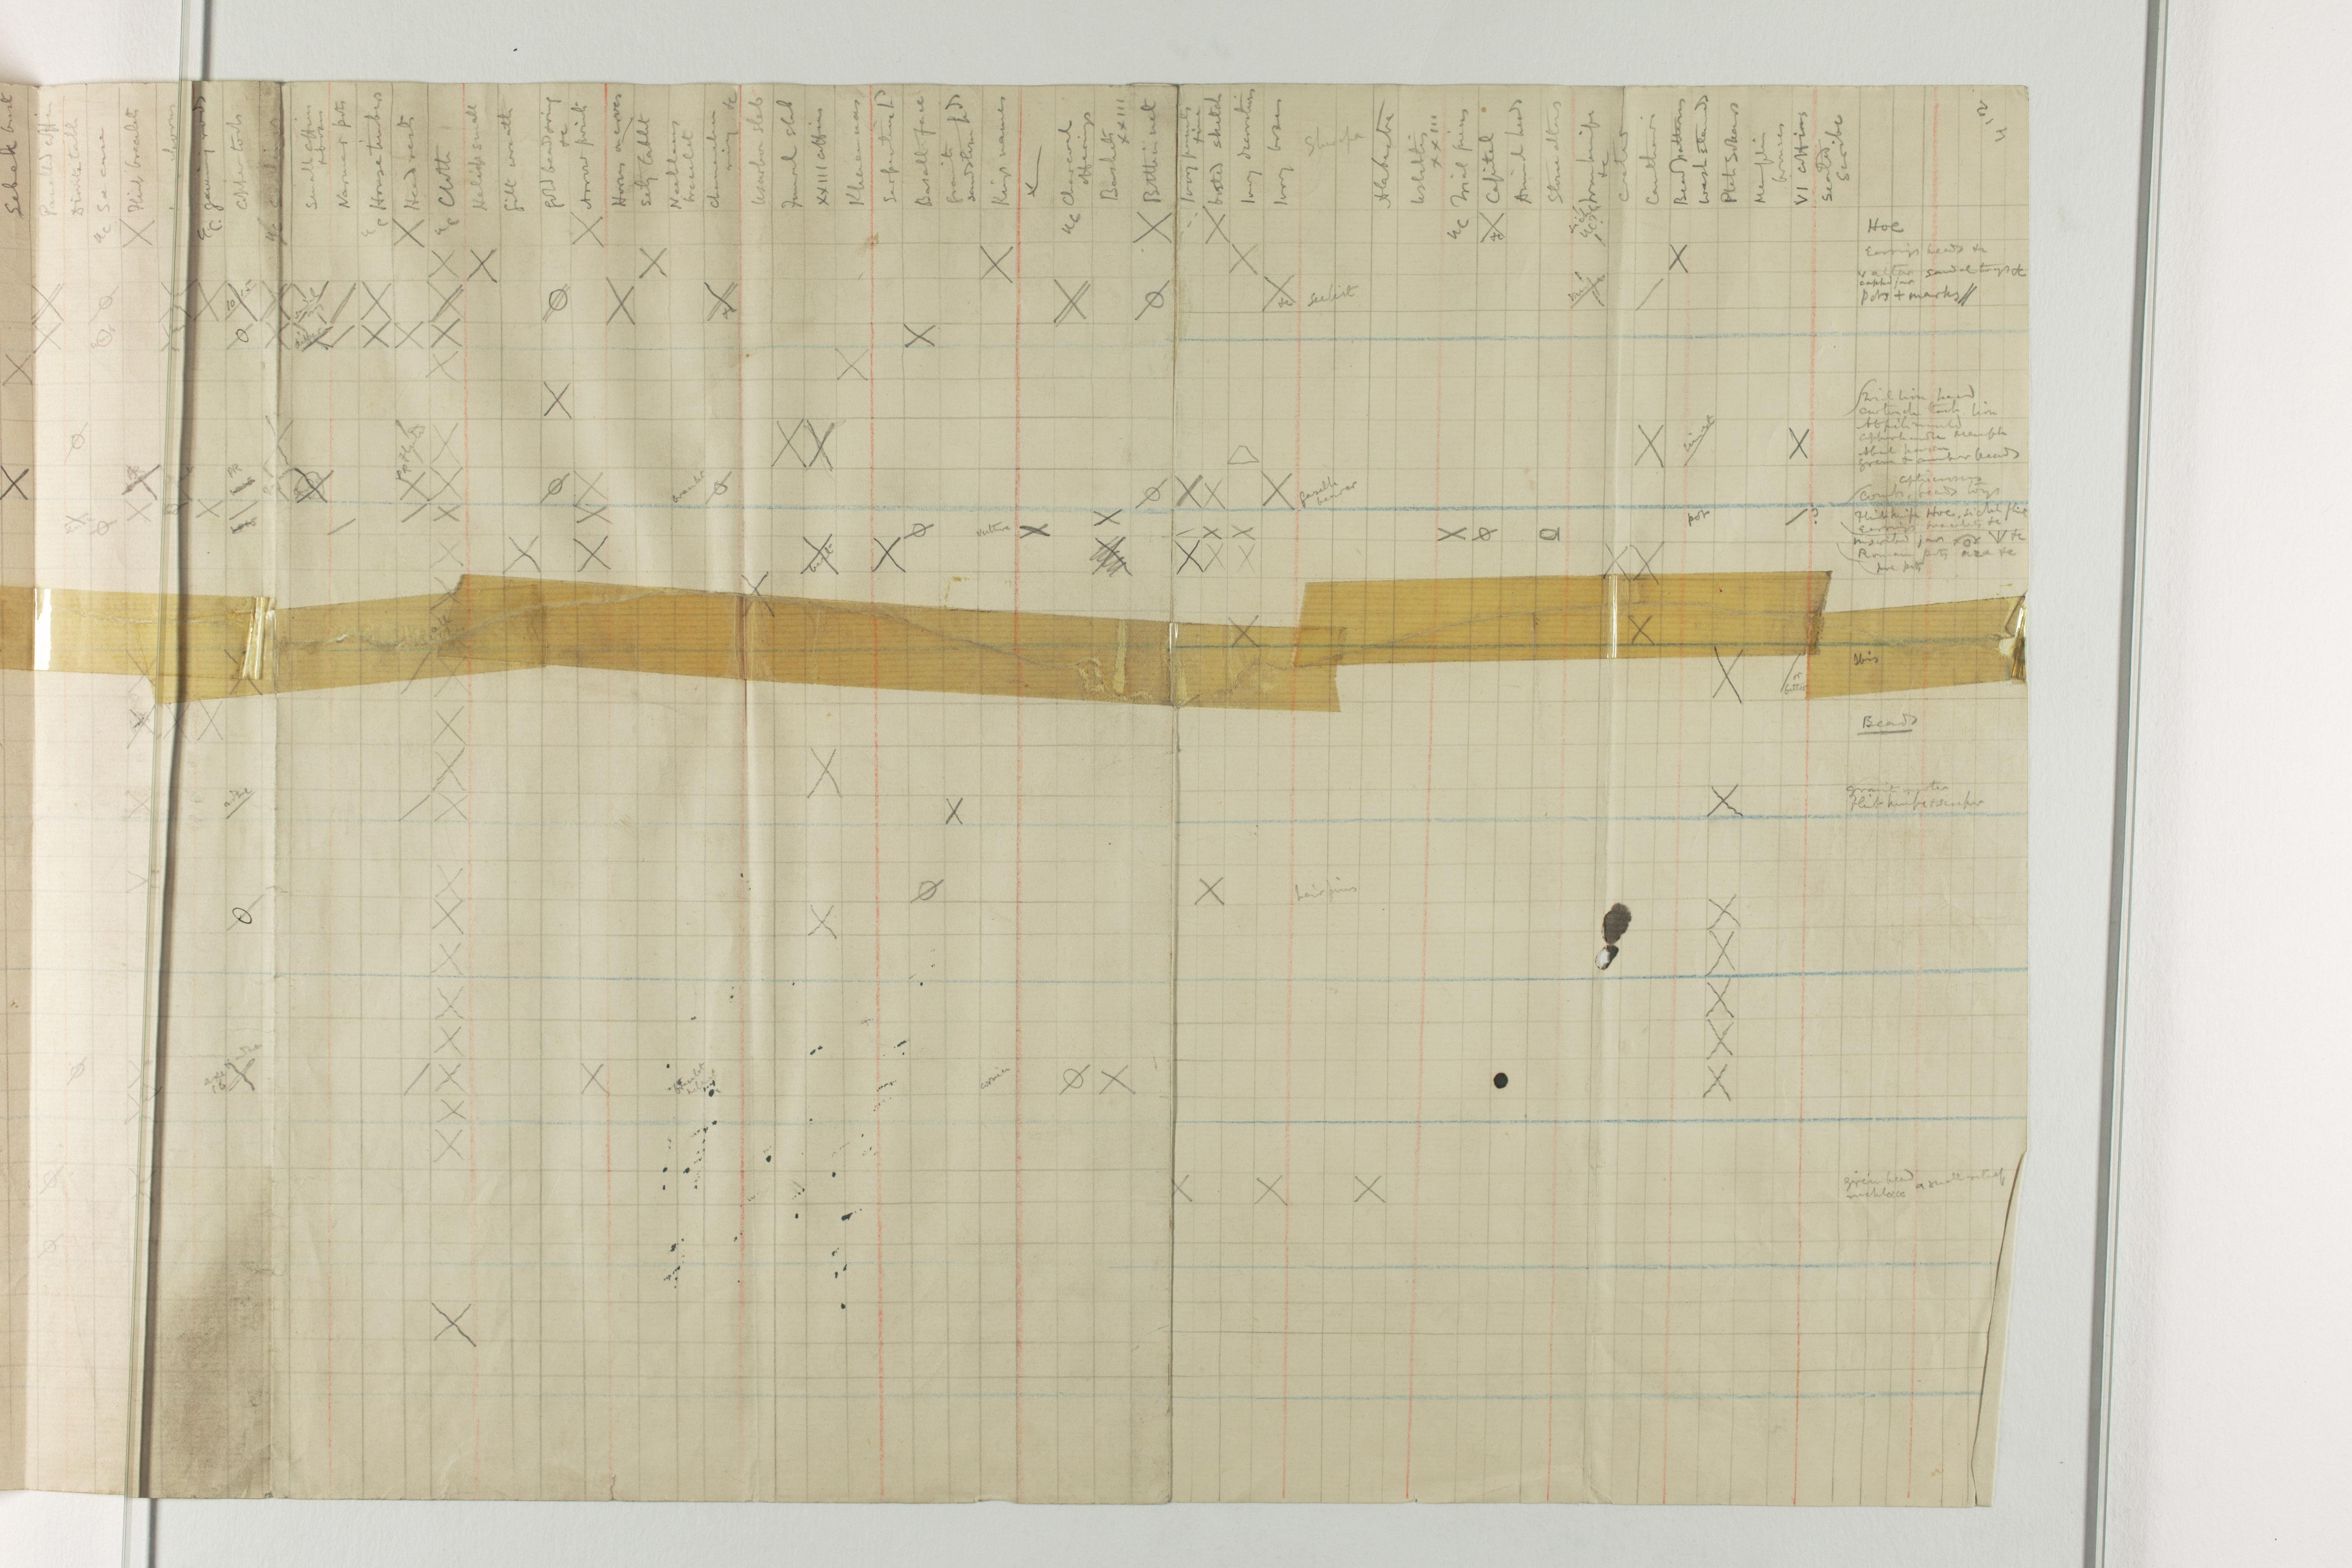 1912-13 Tarkhan, el-Riqqa, Memphis Distribution grid PMA/WFP1/D/21/2.2